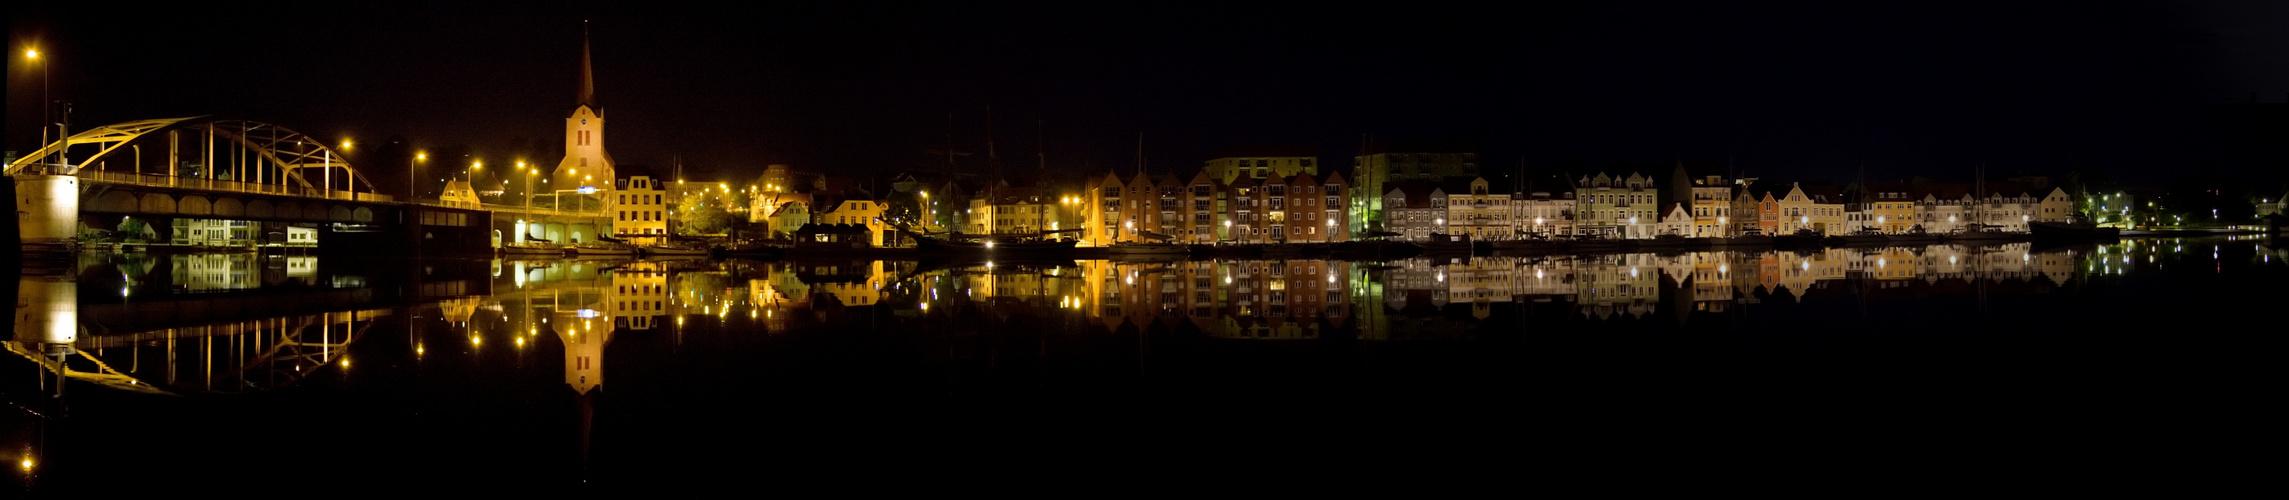 Panorama : Dänemark, Sonderburg Hafen bei Nacht einen Nacht im Juli 2010